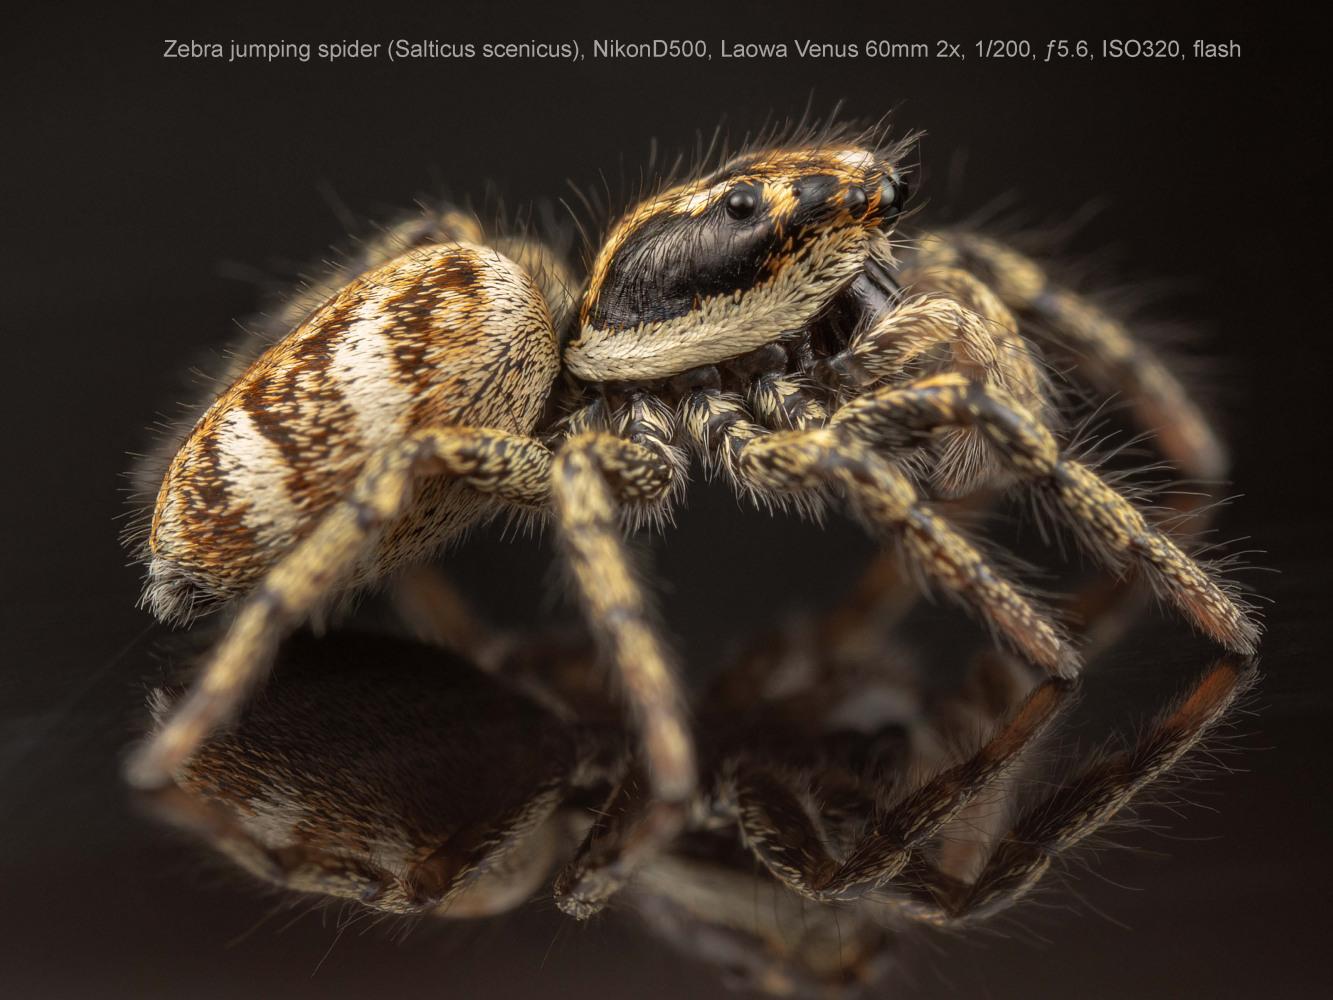 Zebra-jumping-spider-Salticus-scenicus